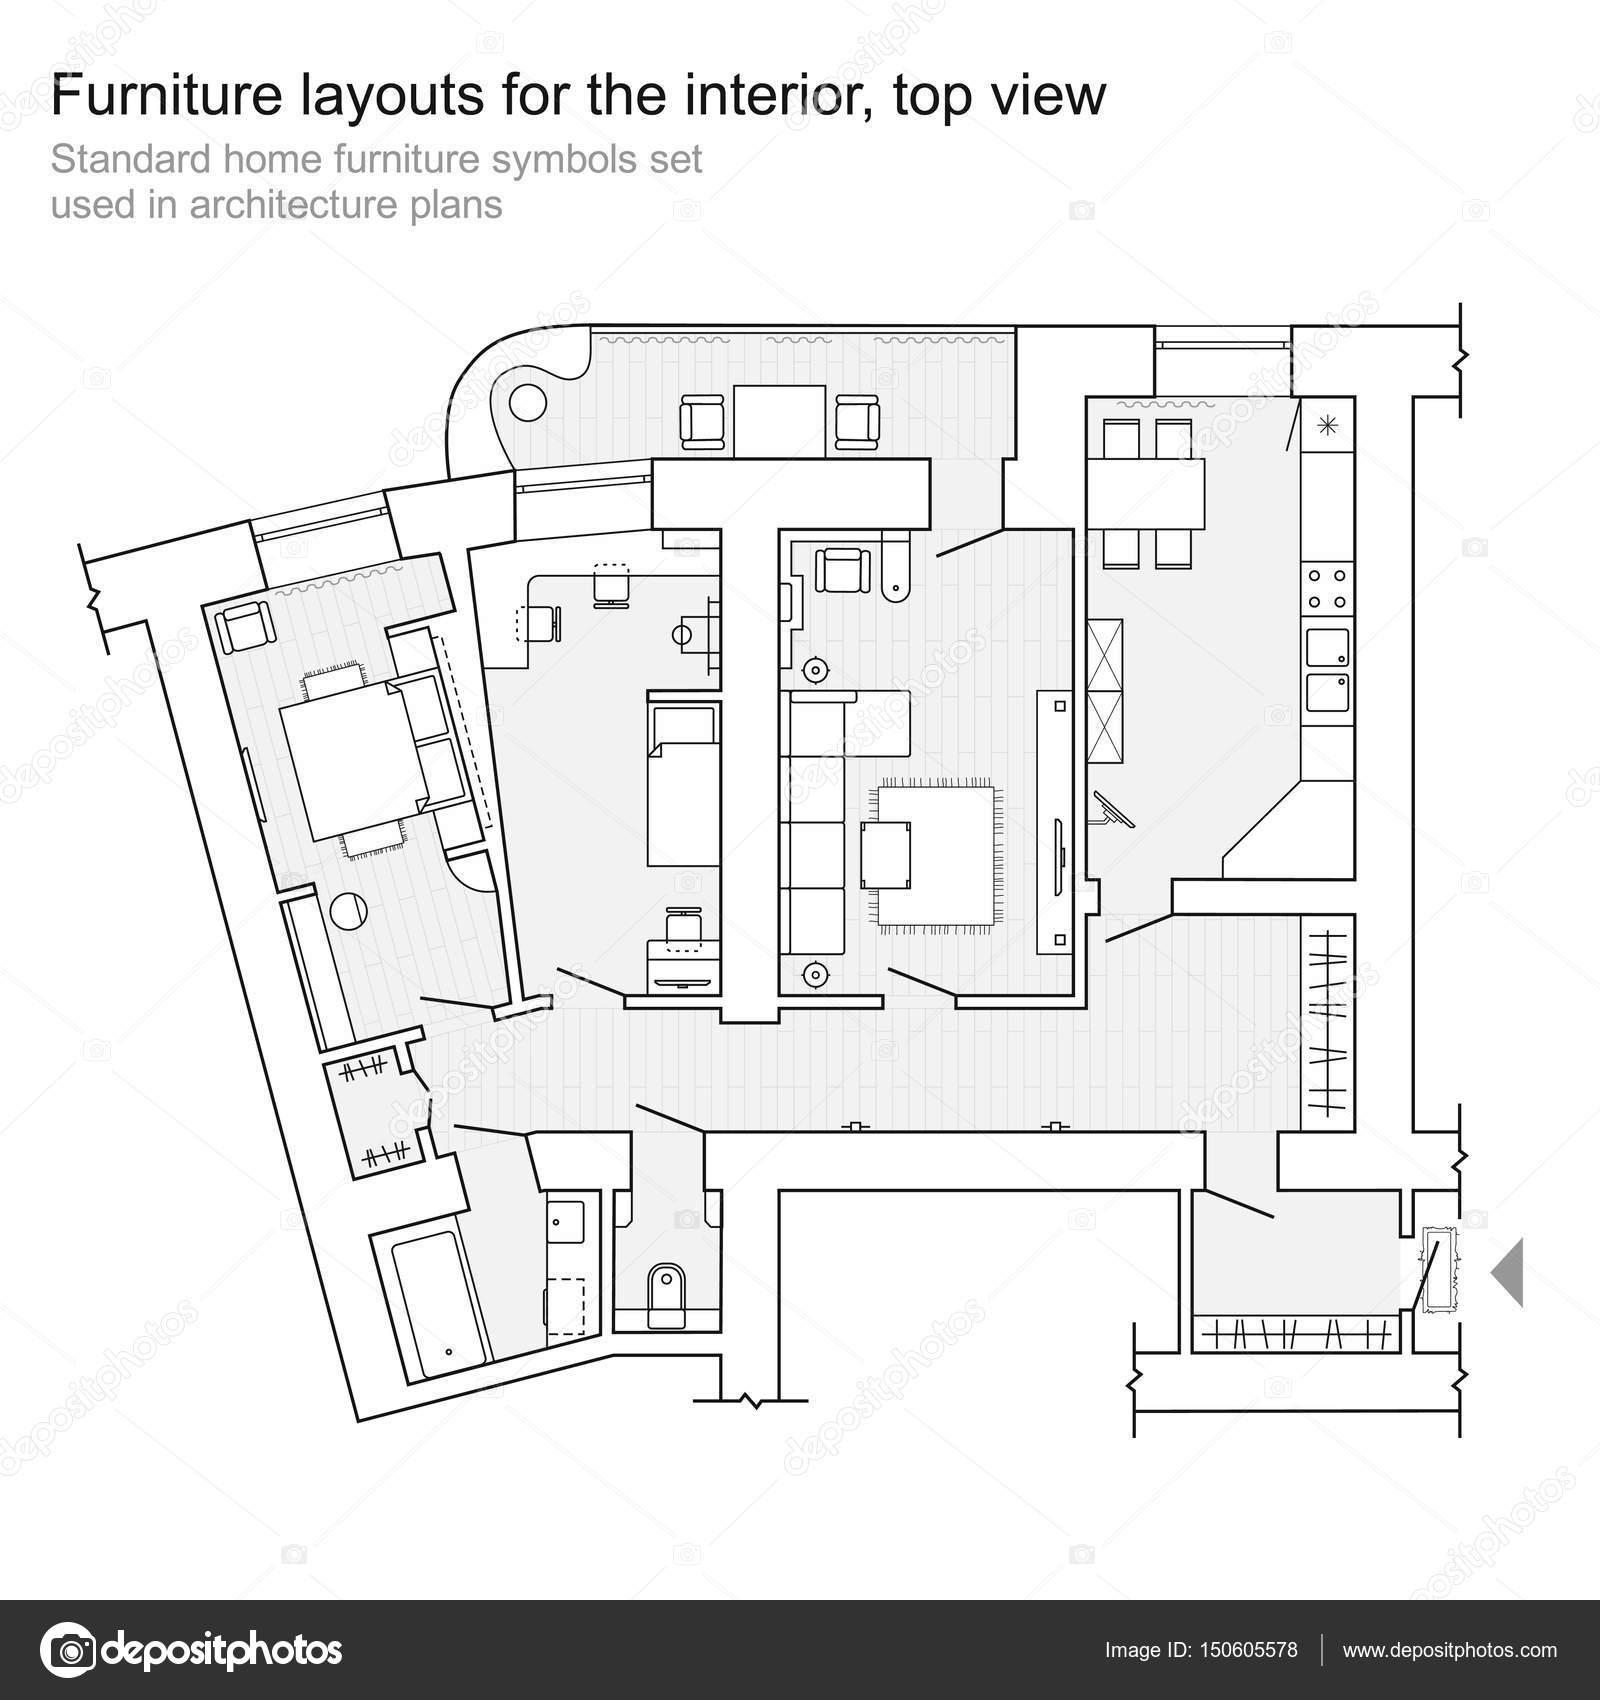 Meubles De Maison Standard Des Symboles Utilisés Dans Les Plans Du0027 Architecture, Maison Planification Jeu Du0027icônes, éléments De Conception  Graphique.